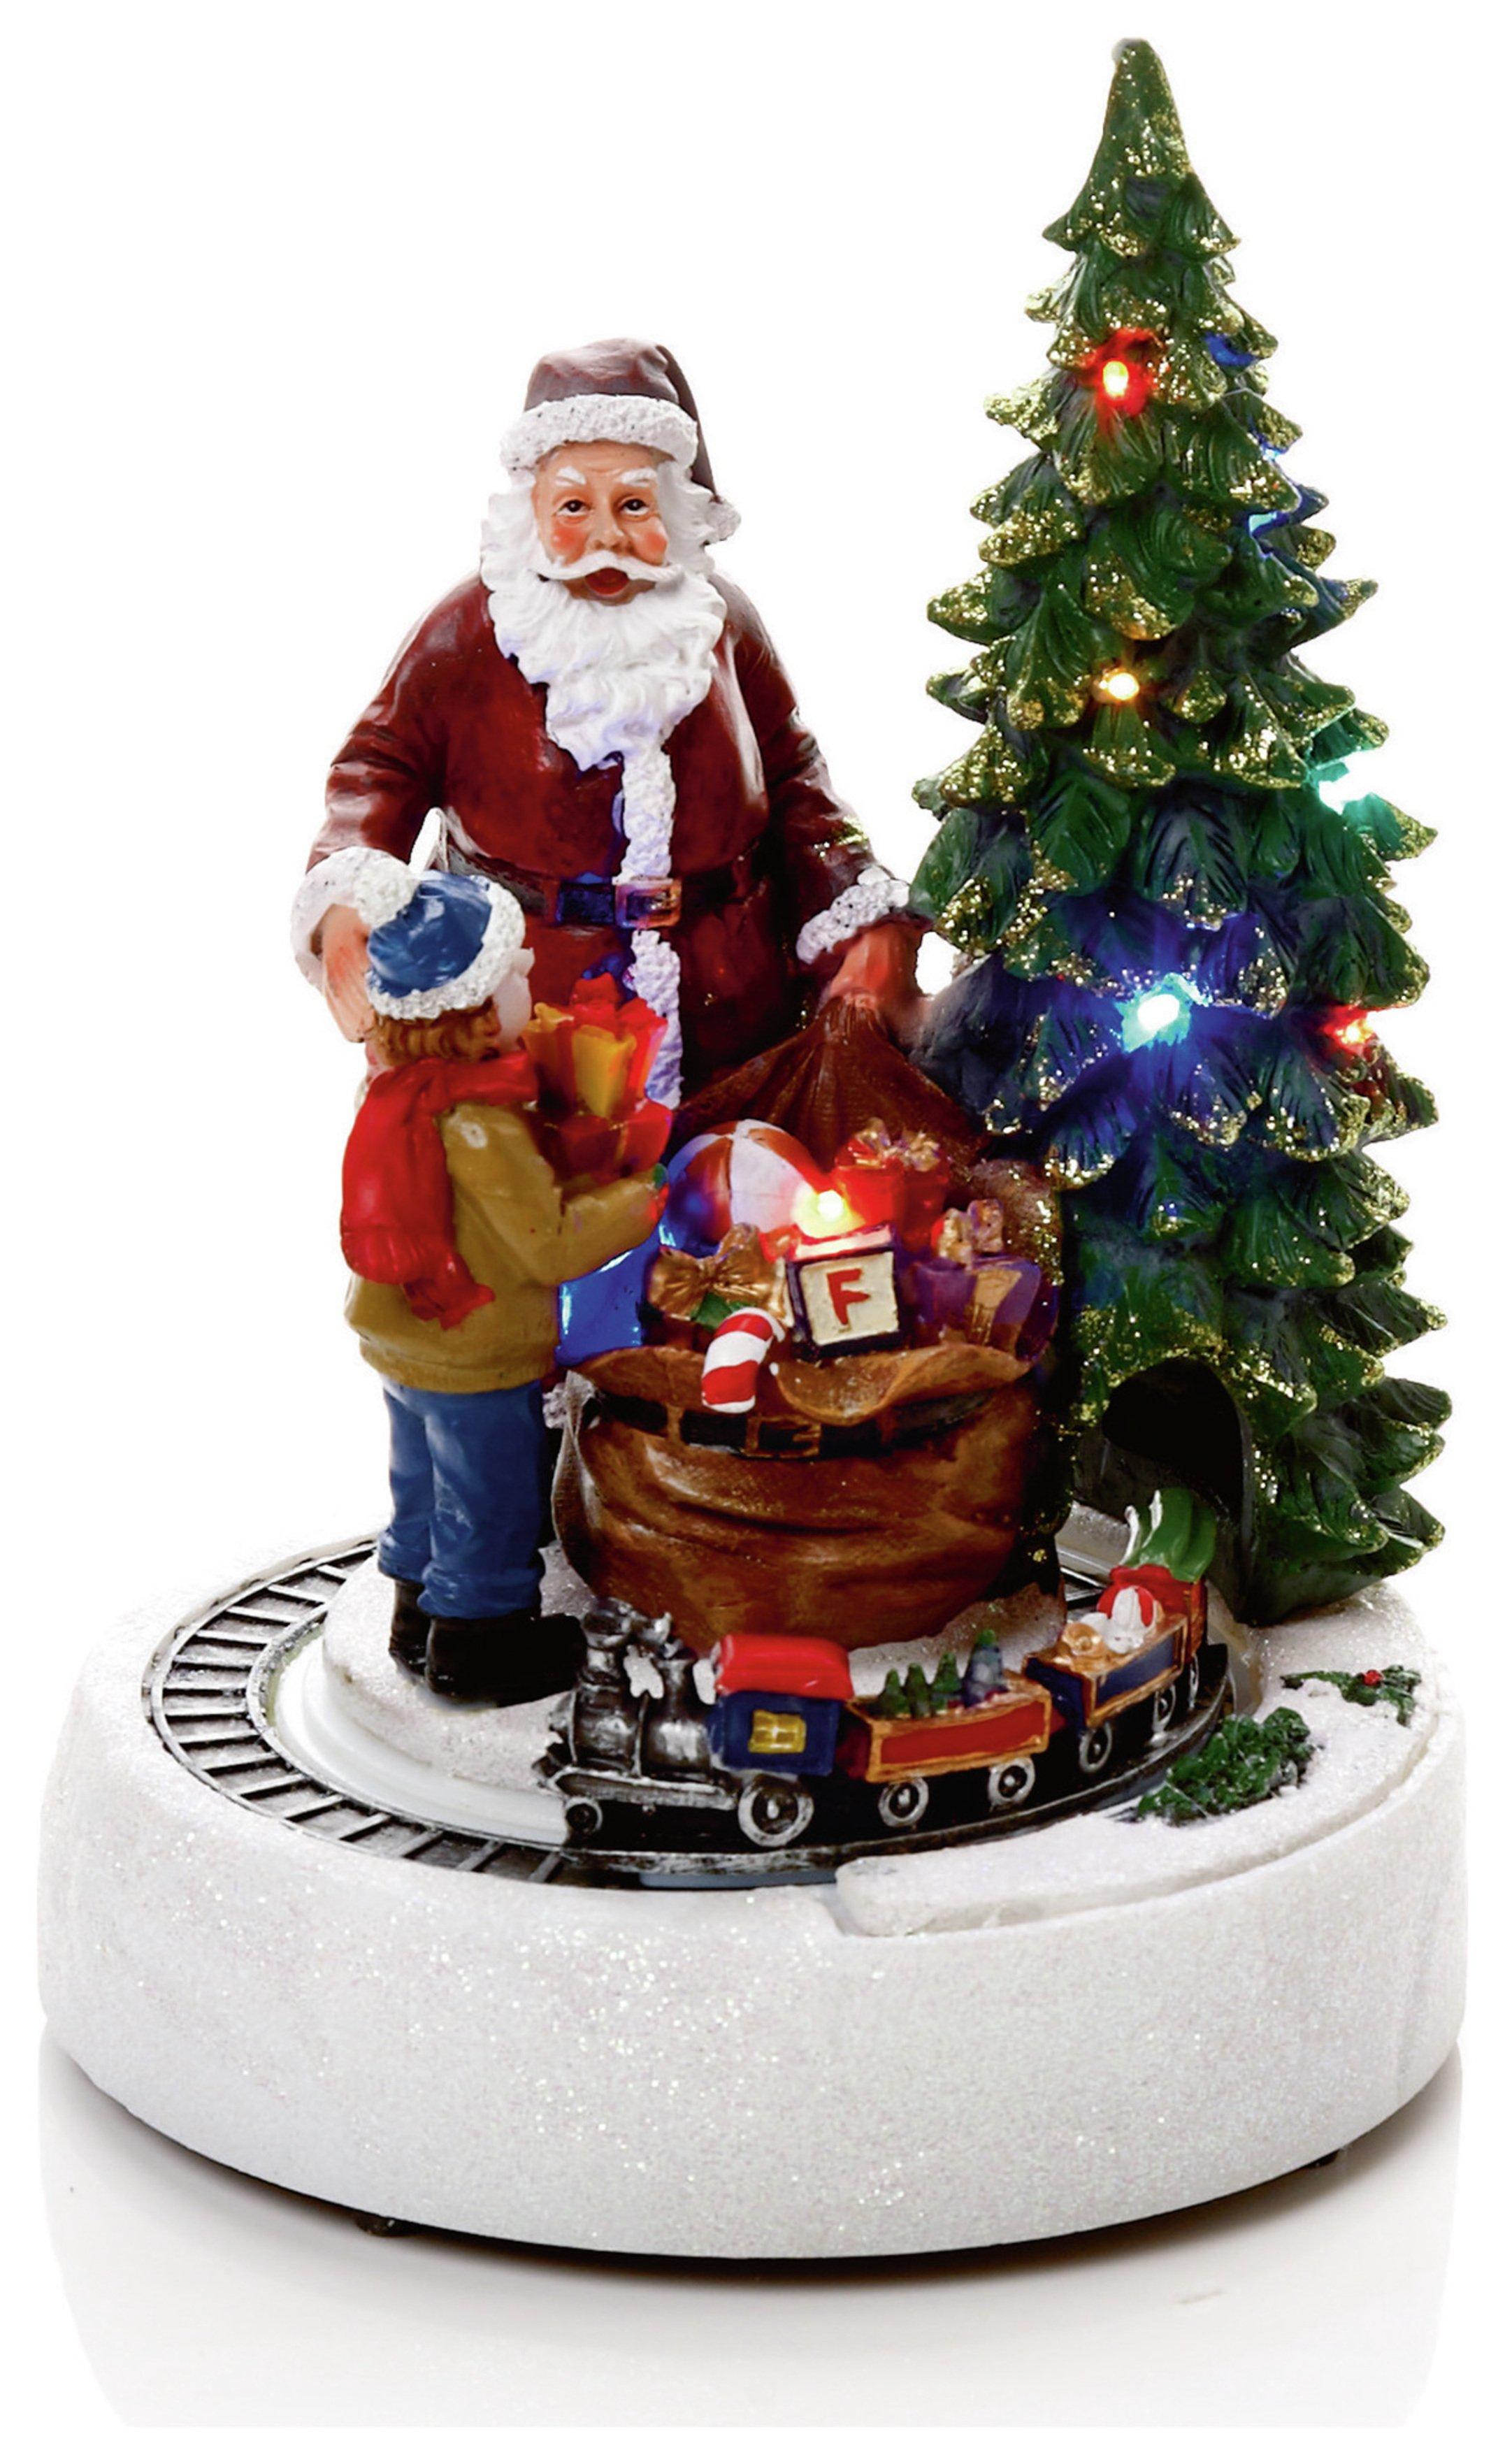 premier-decorations-little-santa-gifts-train-decoration